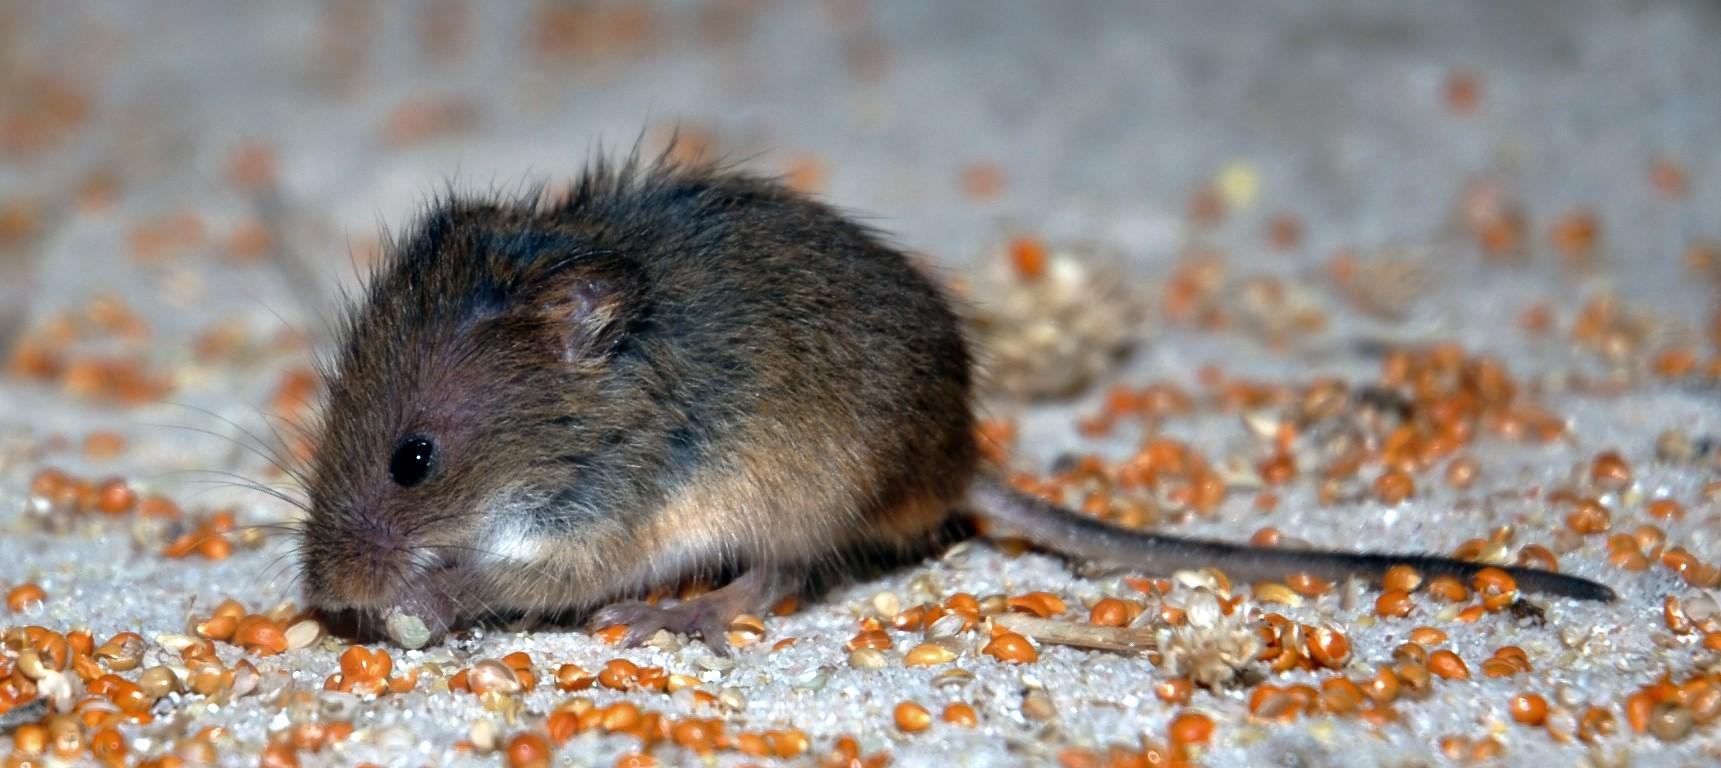 Souris Dans Les Murs Comment Faire comment se débarrasser des souris dans la maison - ald anti